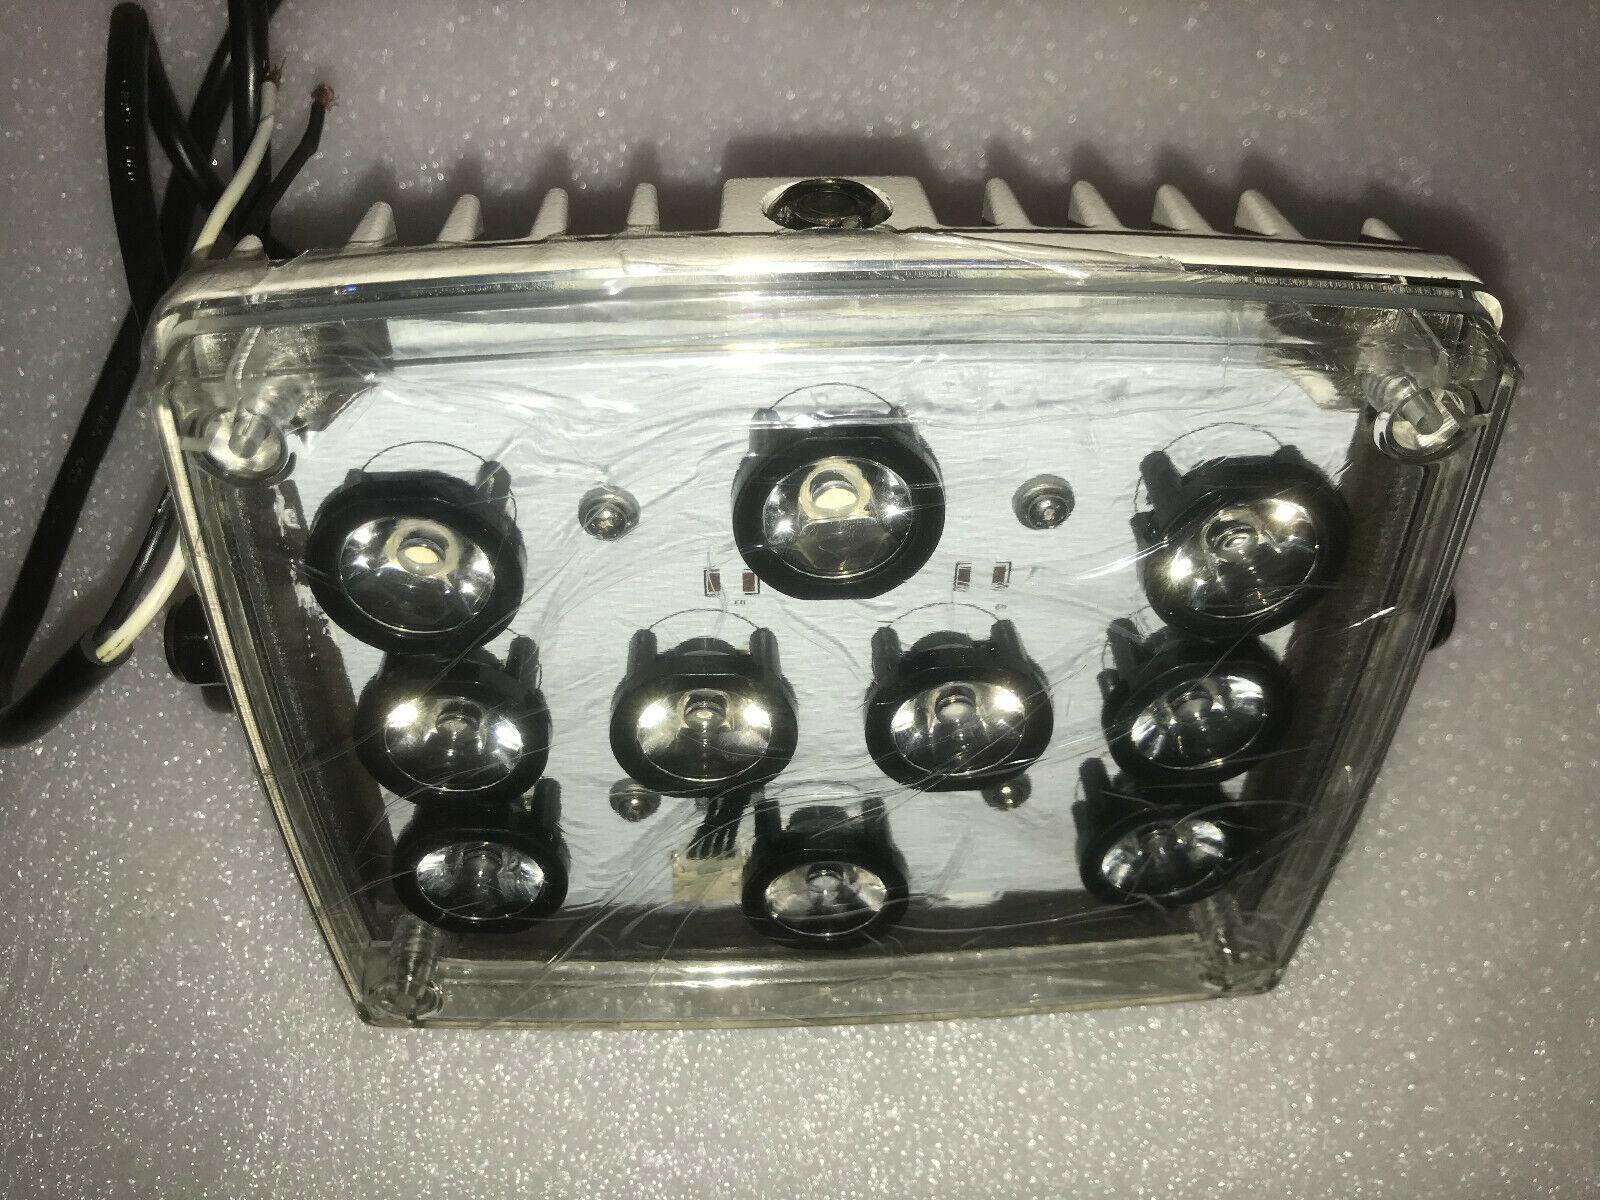 Kevis KWT-030 30 Degrees AC24V. MAX 48W IR Illuminator, Distance 100M R2 - C - $29.99